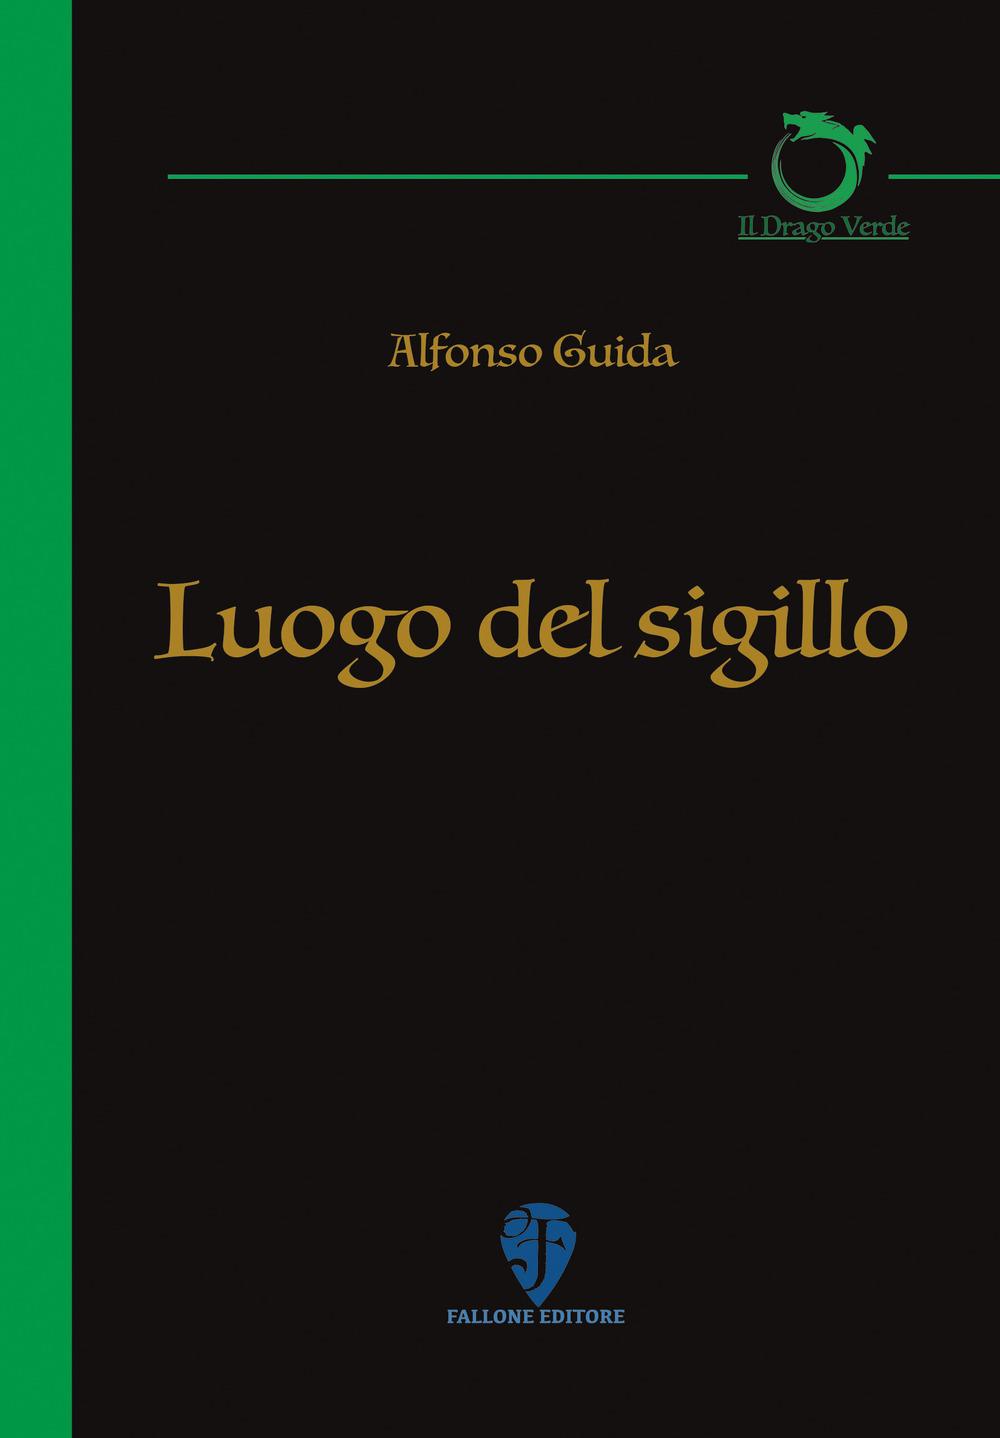 Luogo del sigillo – Alfonso Guida